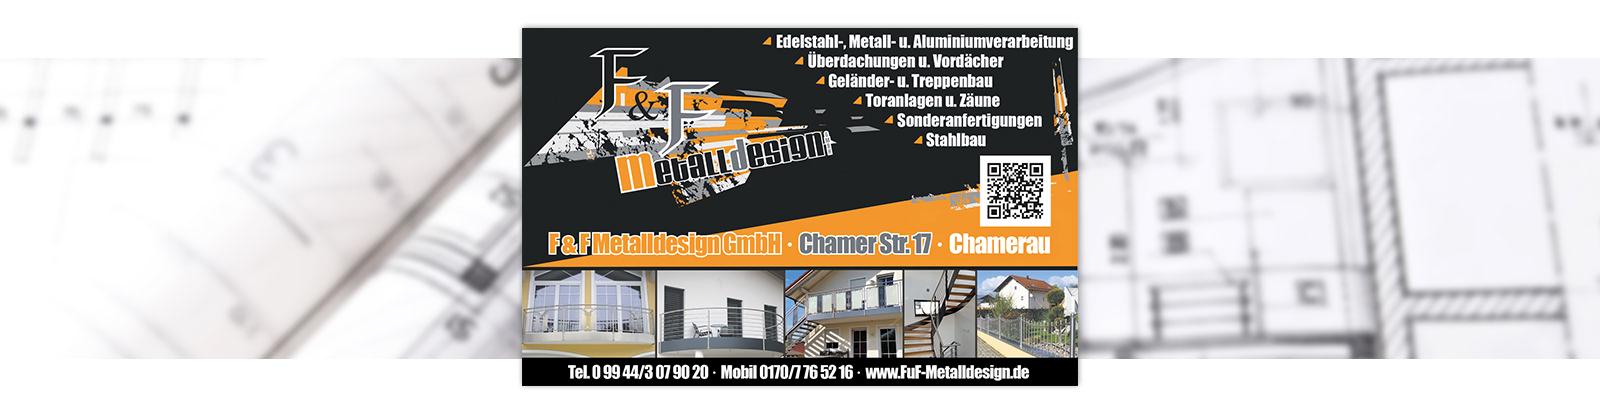 F&F Metalldesign GmbH